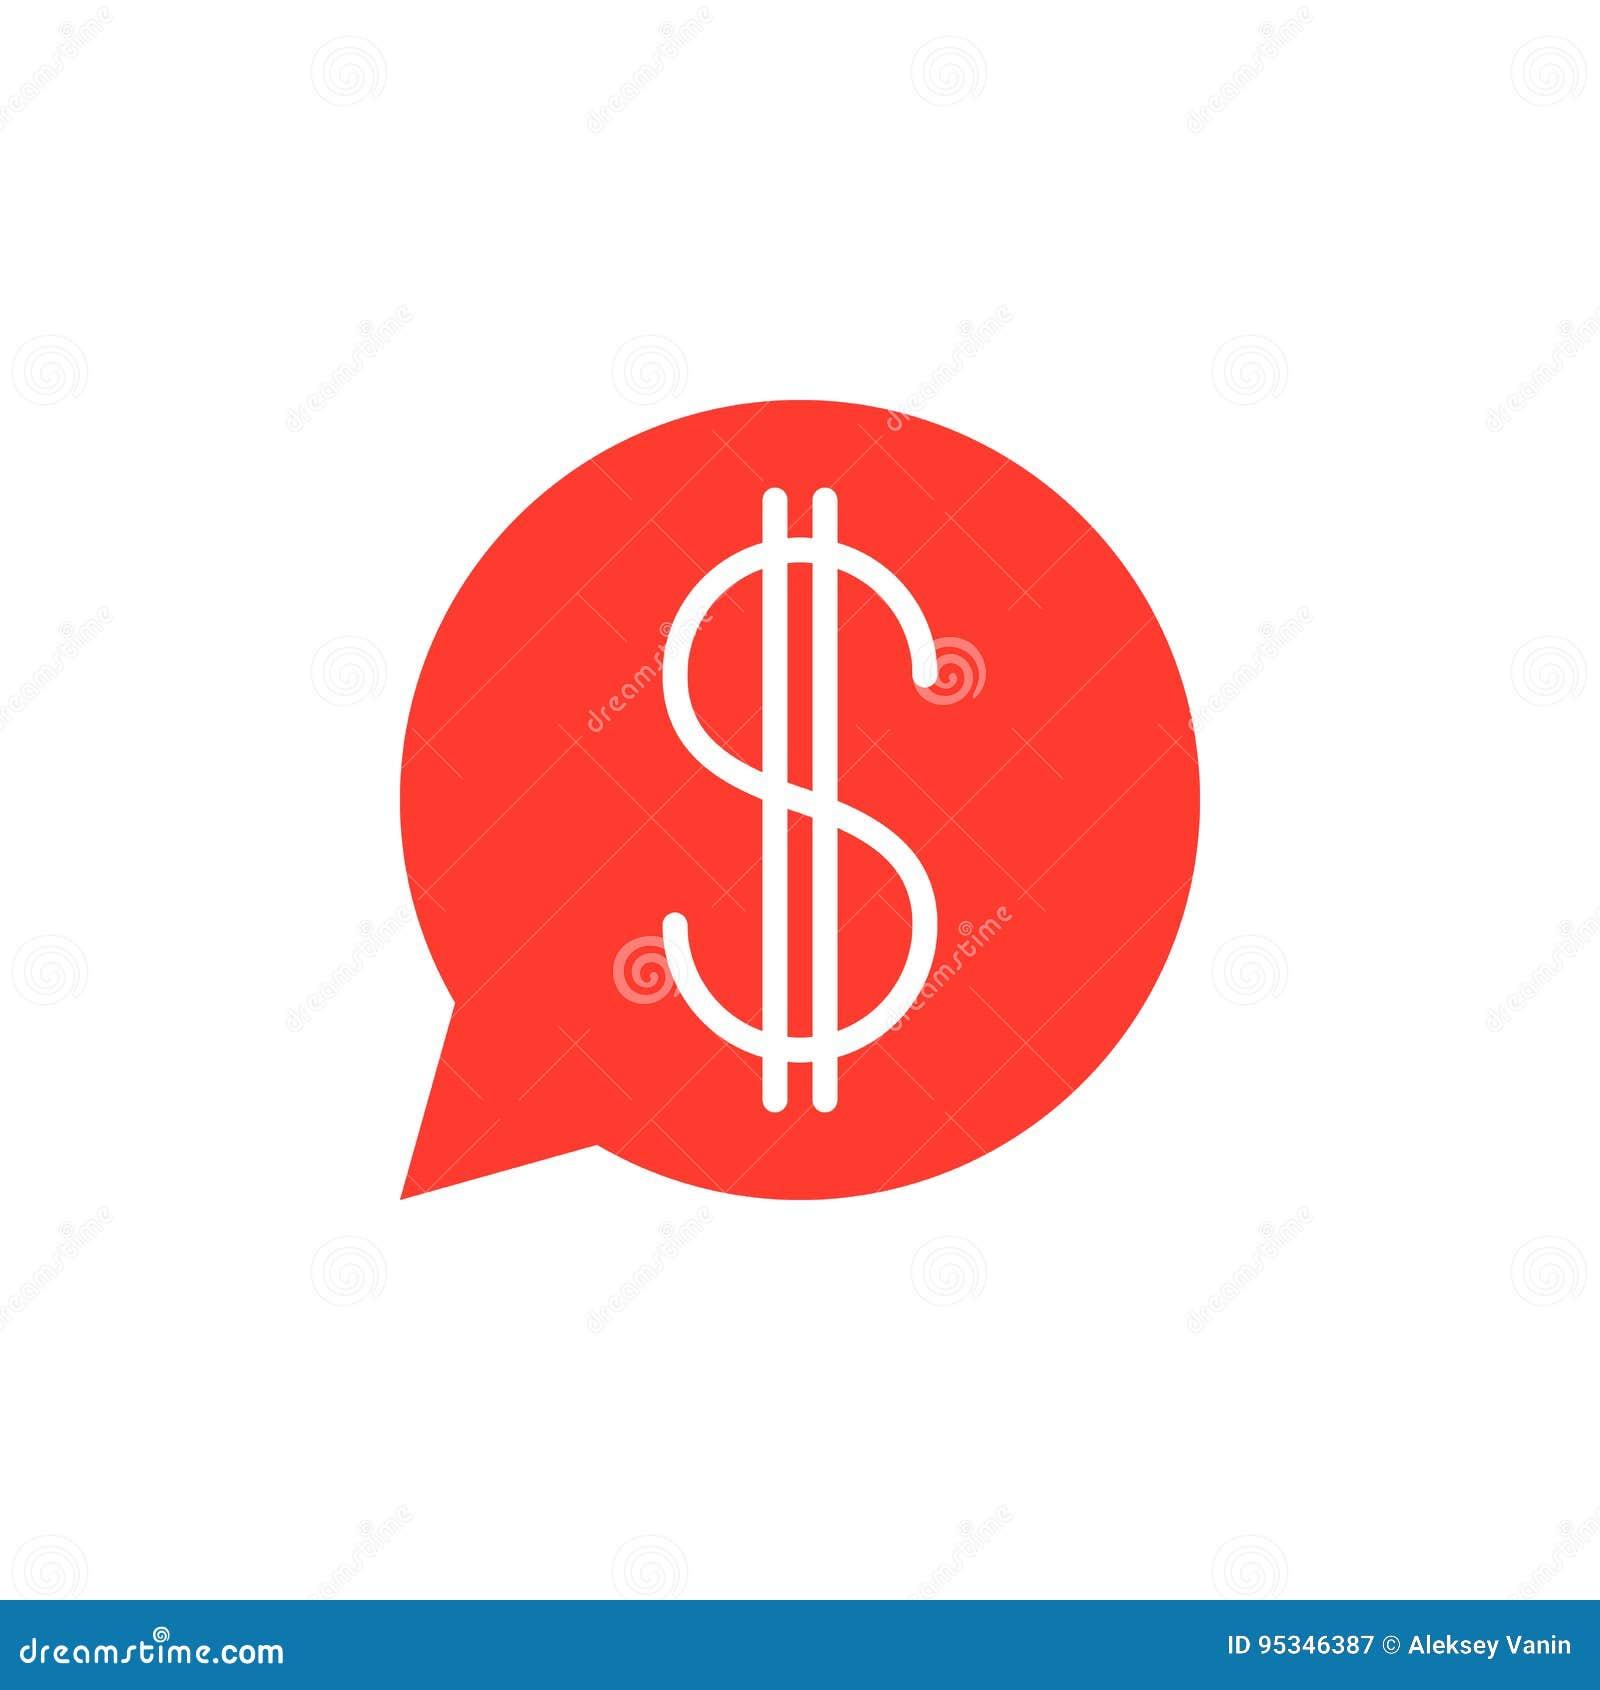 Burbuja del discurso con el vector del icono de la muestra de dólar, símbolo plano llenado,